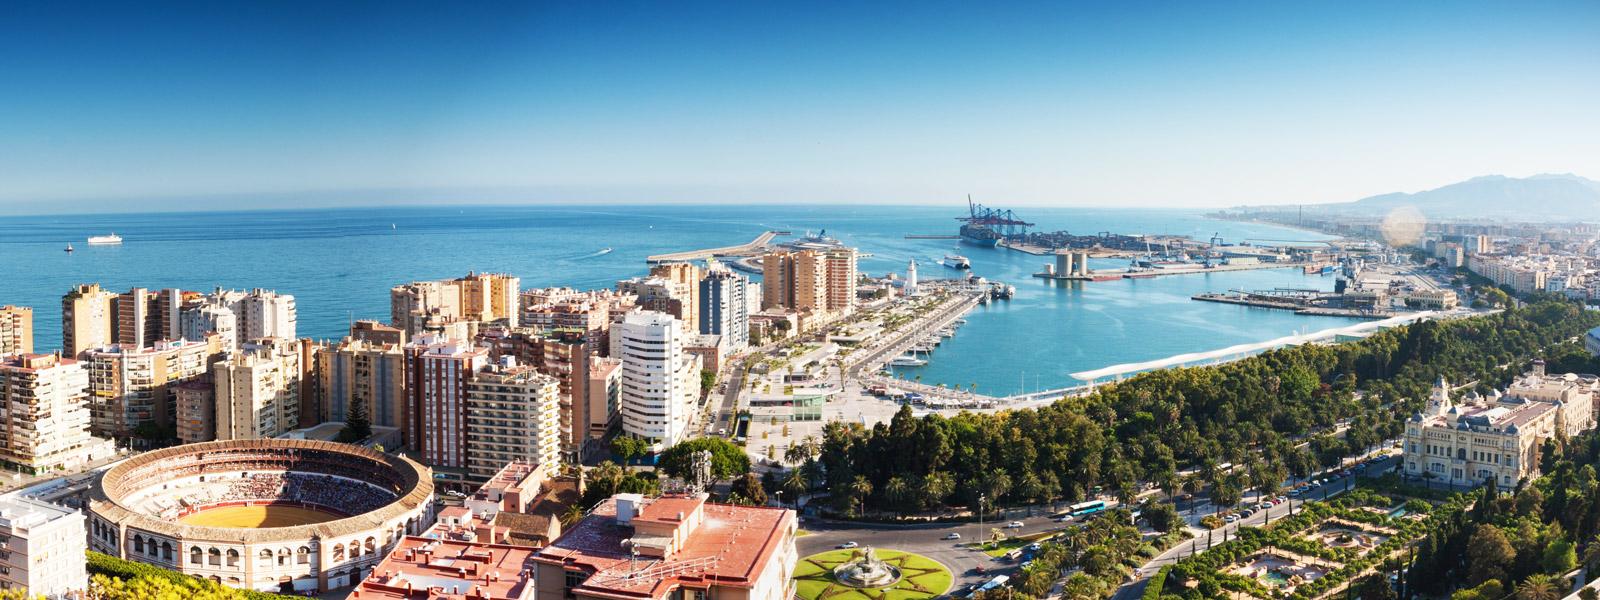 Malaga (Spagna): cosa vedere in un giorno - Framor.info